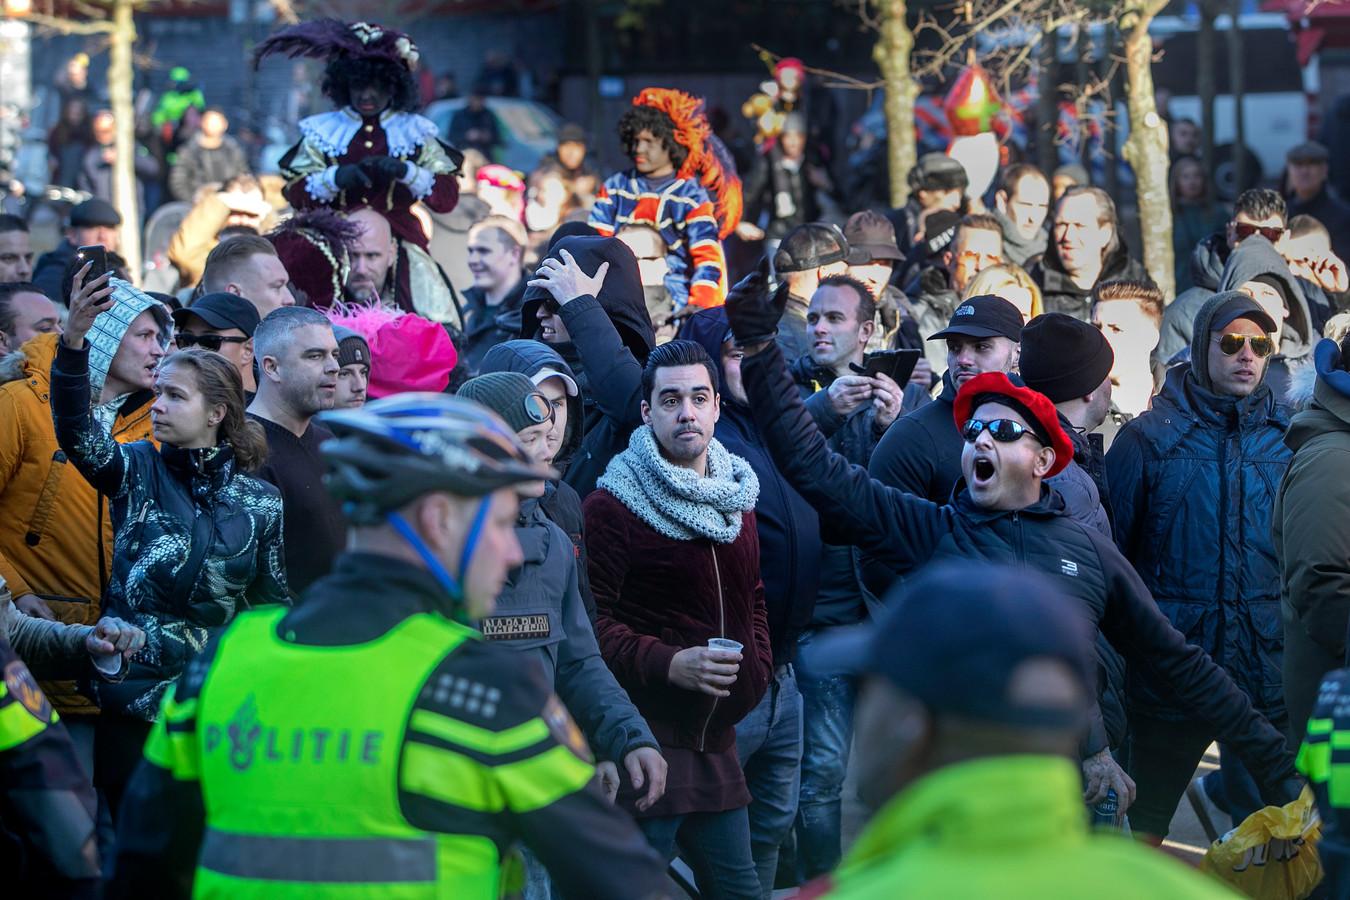 Eindhoven tegen demonstratie door harde kern PSVsupporters tegen KOZP.